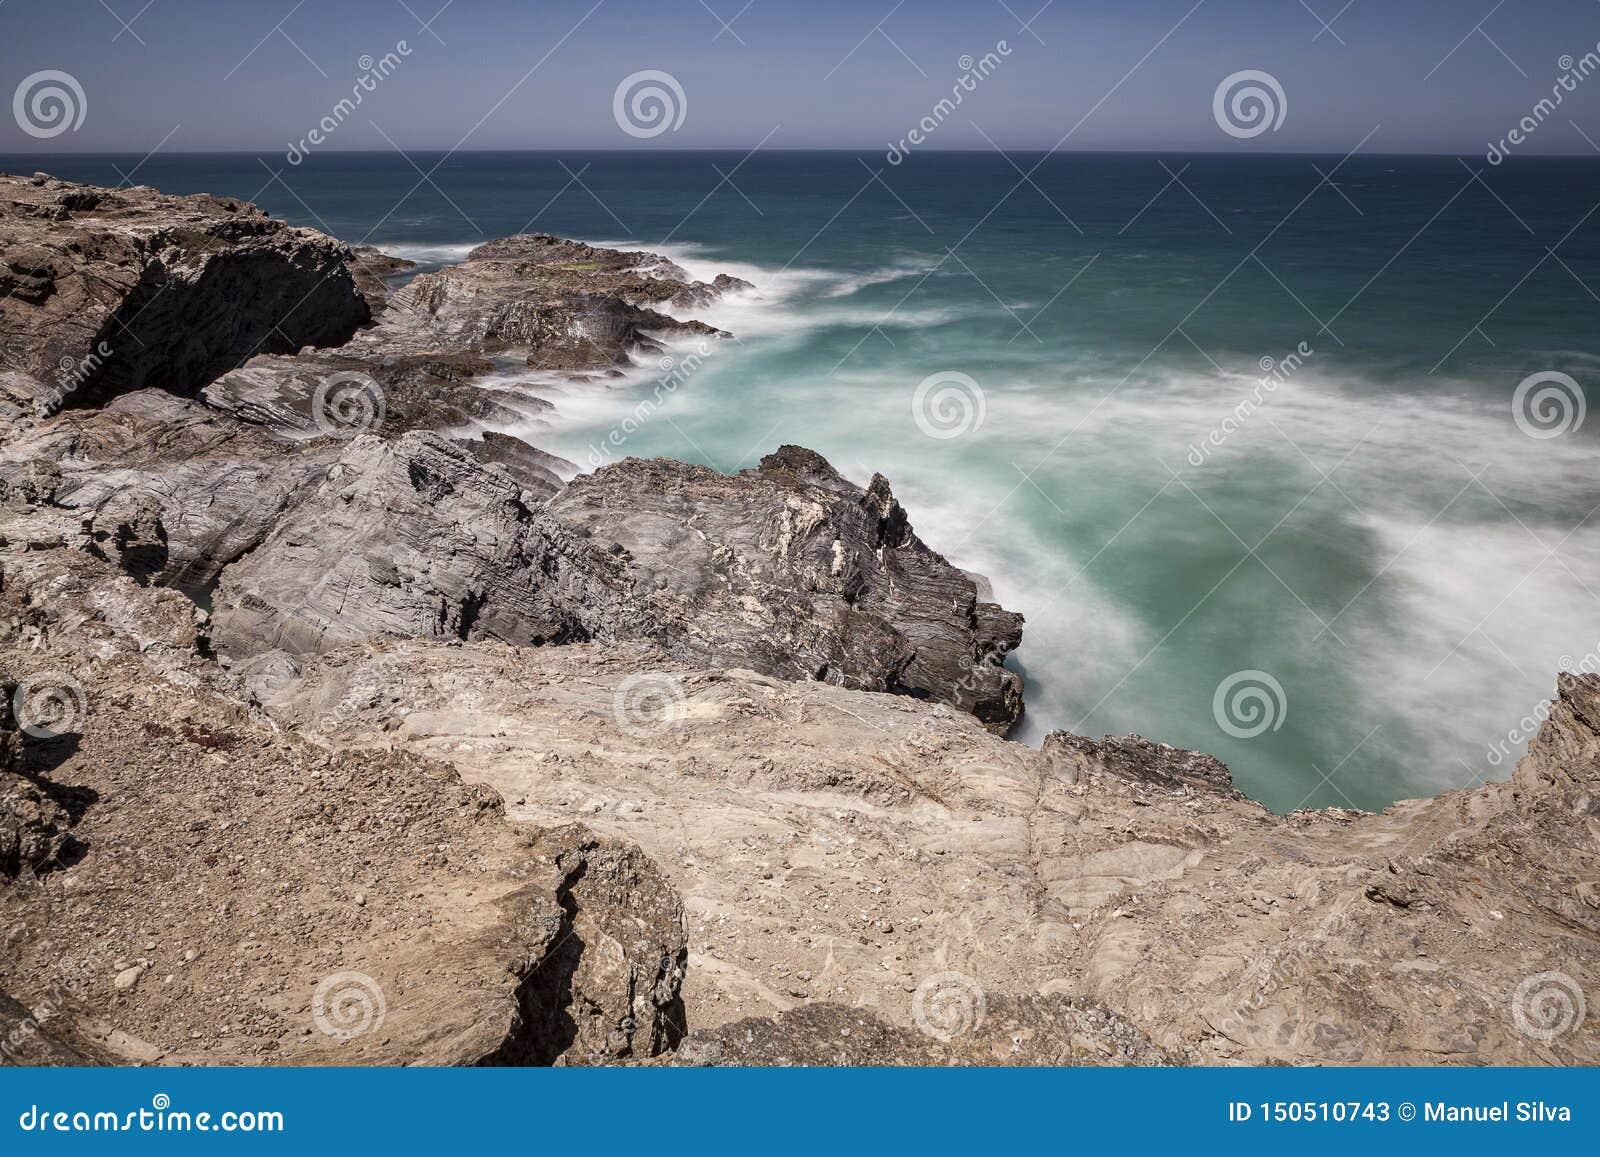 Itinerario dei pescatori, situato nel sud-ovest del Portogallo, con le suoi formazioni rocciose e mare cristallino